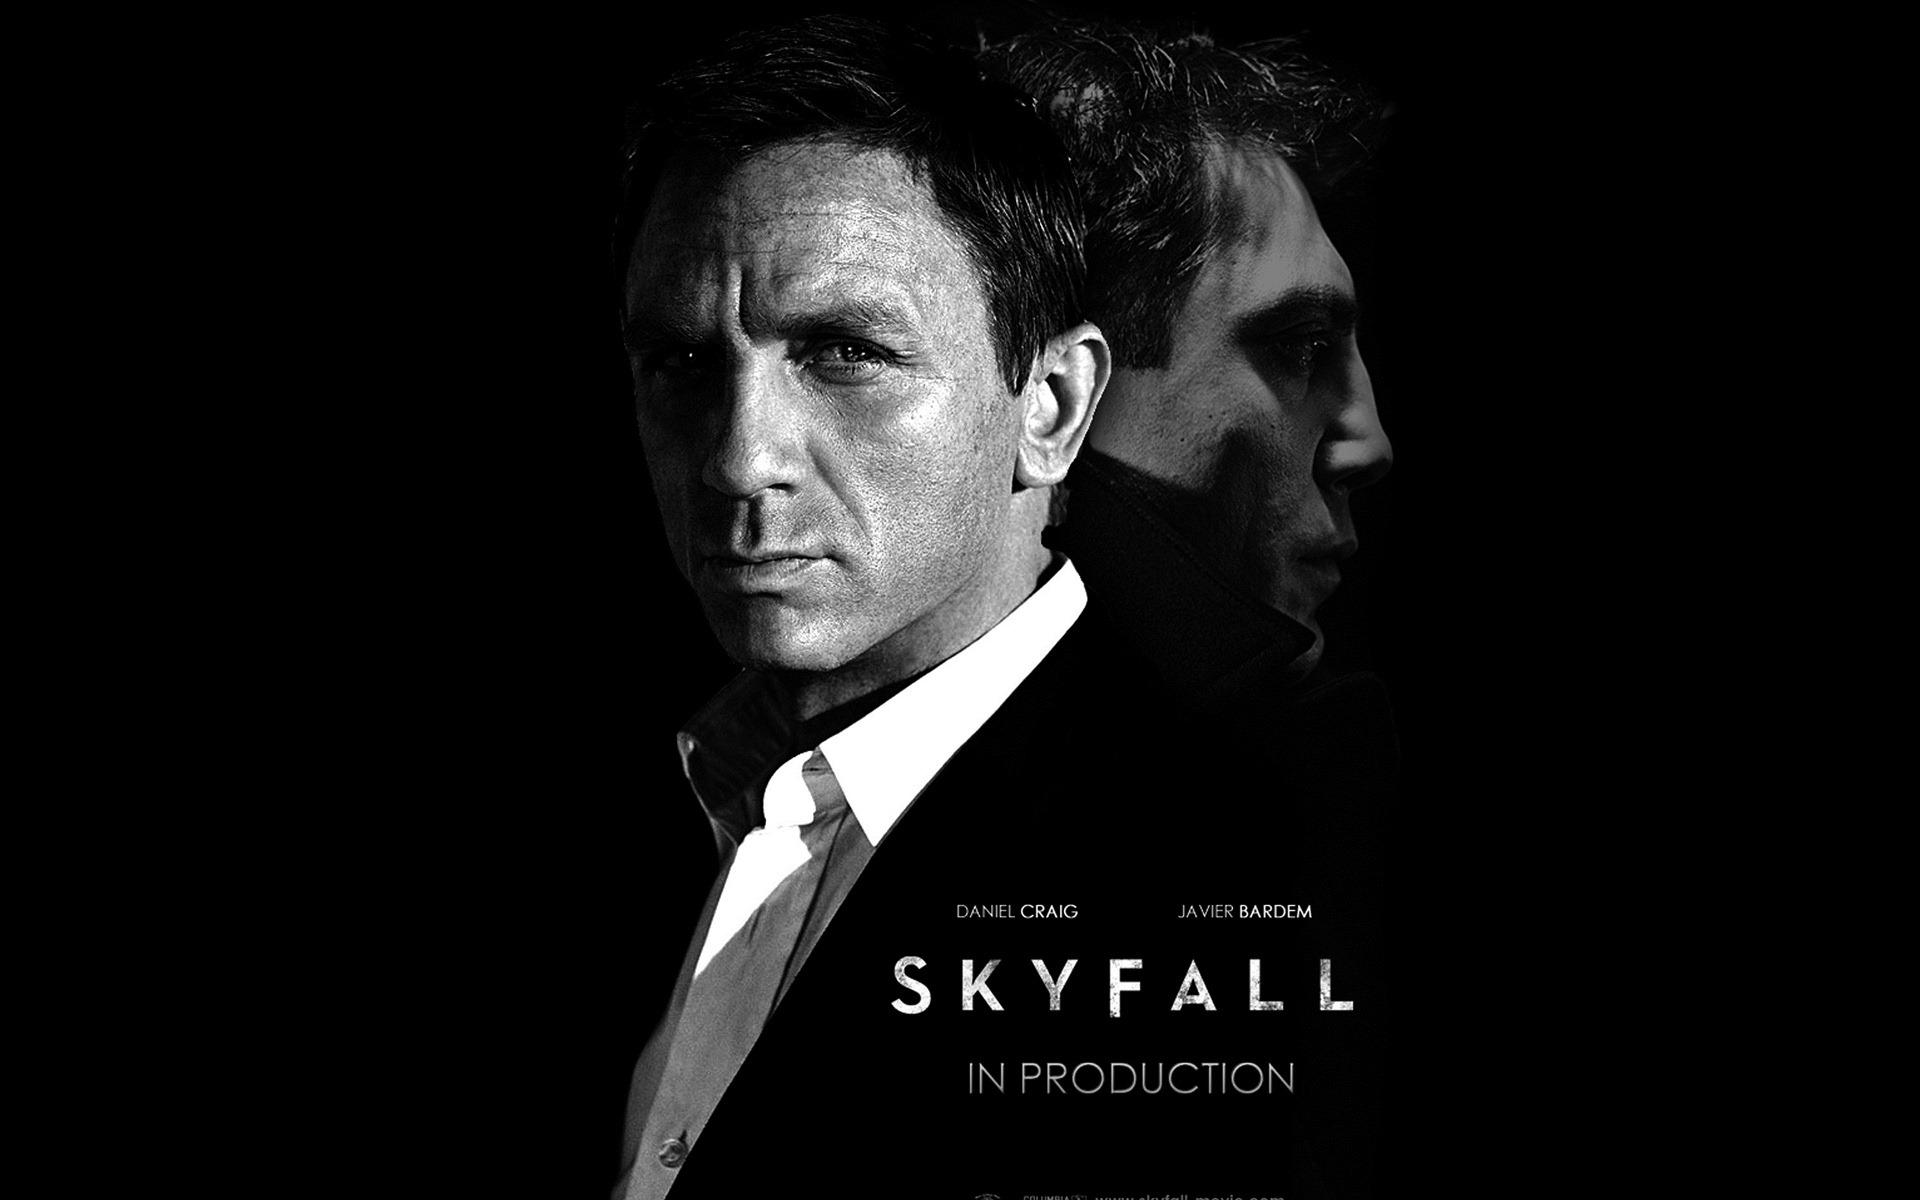 Skyfall 007のhdの壁紙 14 19x10 壁紙ダウンロード Skyfall 007のhdの壁紙 映画 壁紙 V3の 壁紙